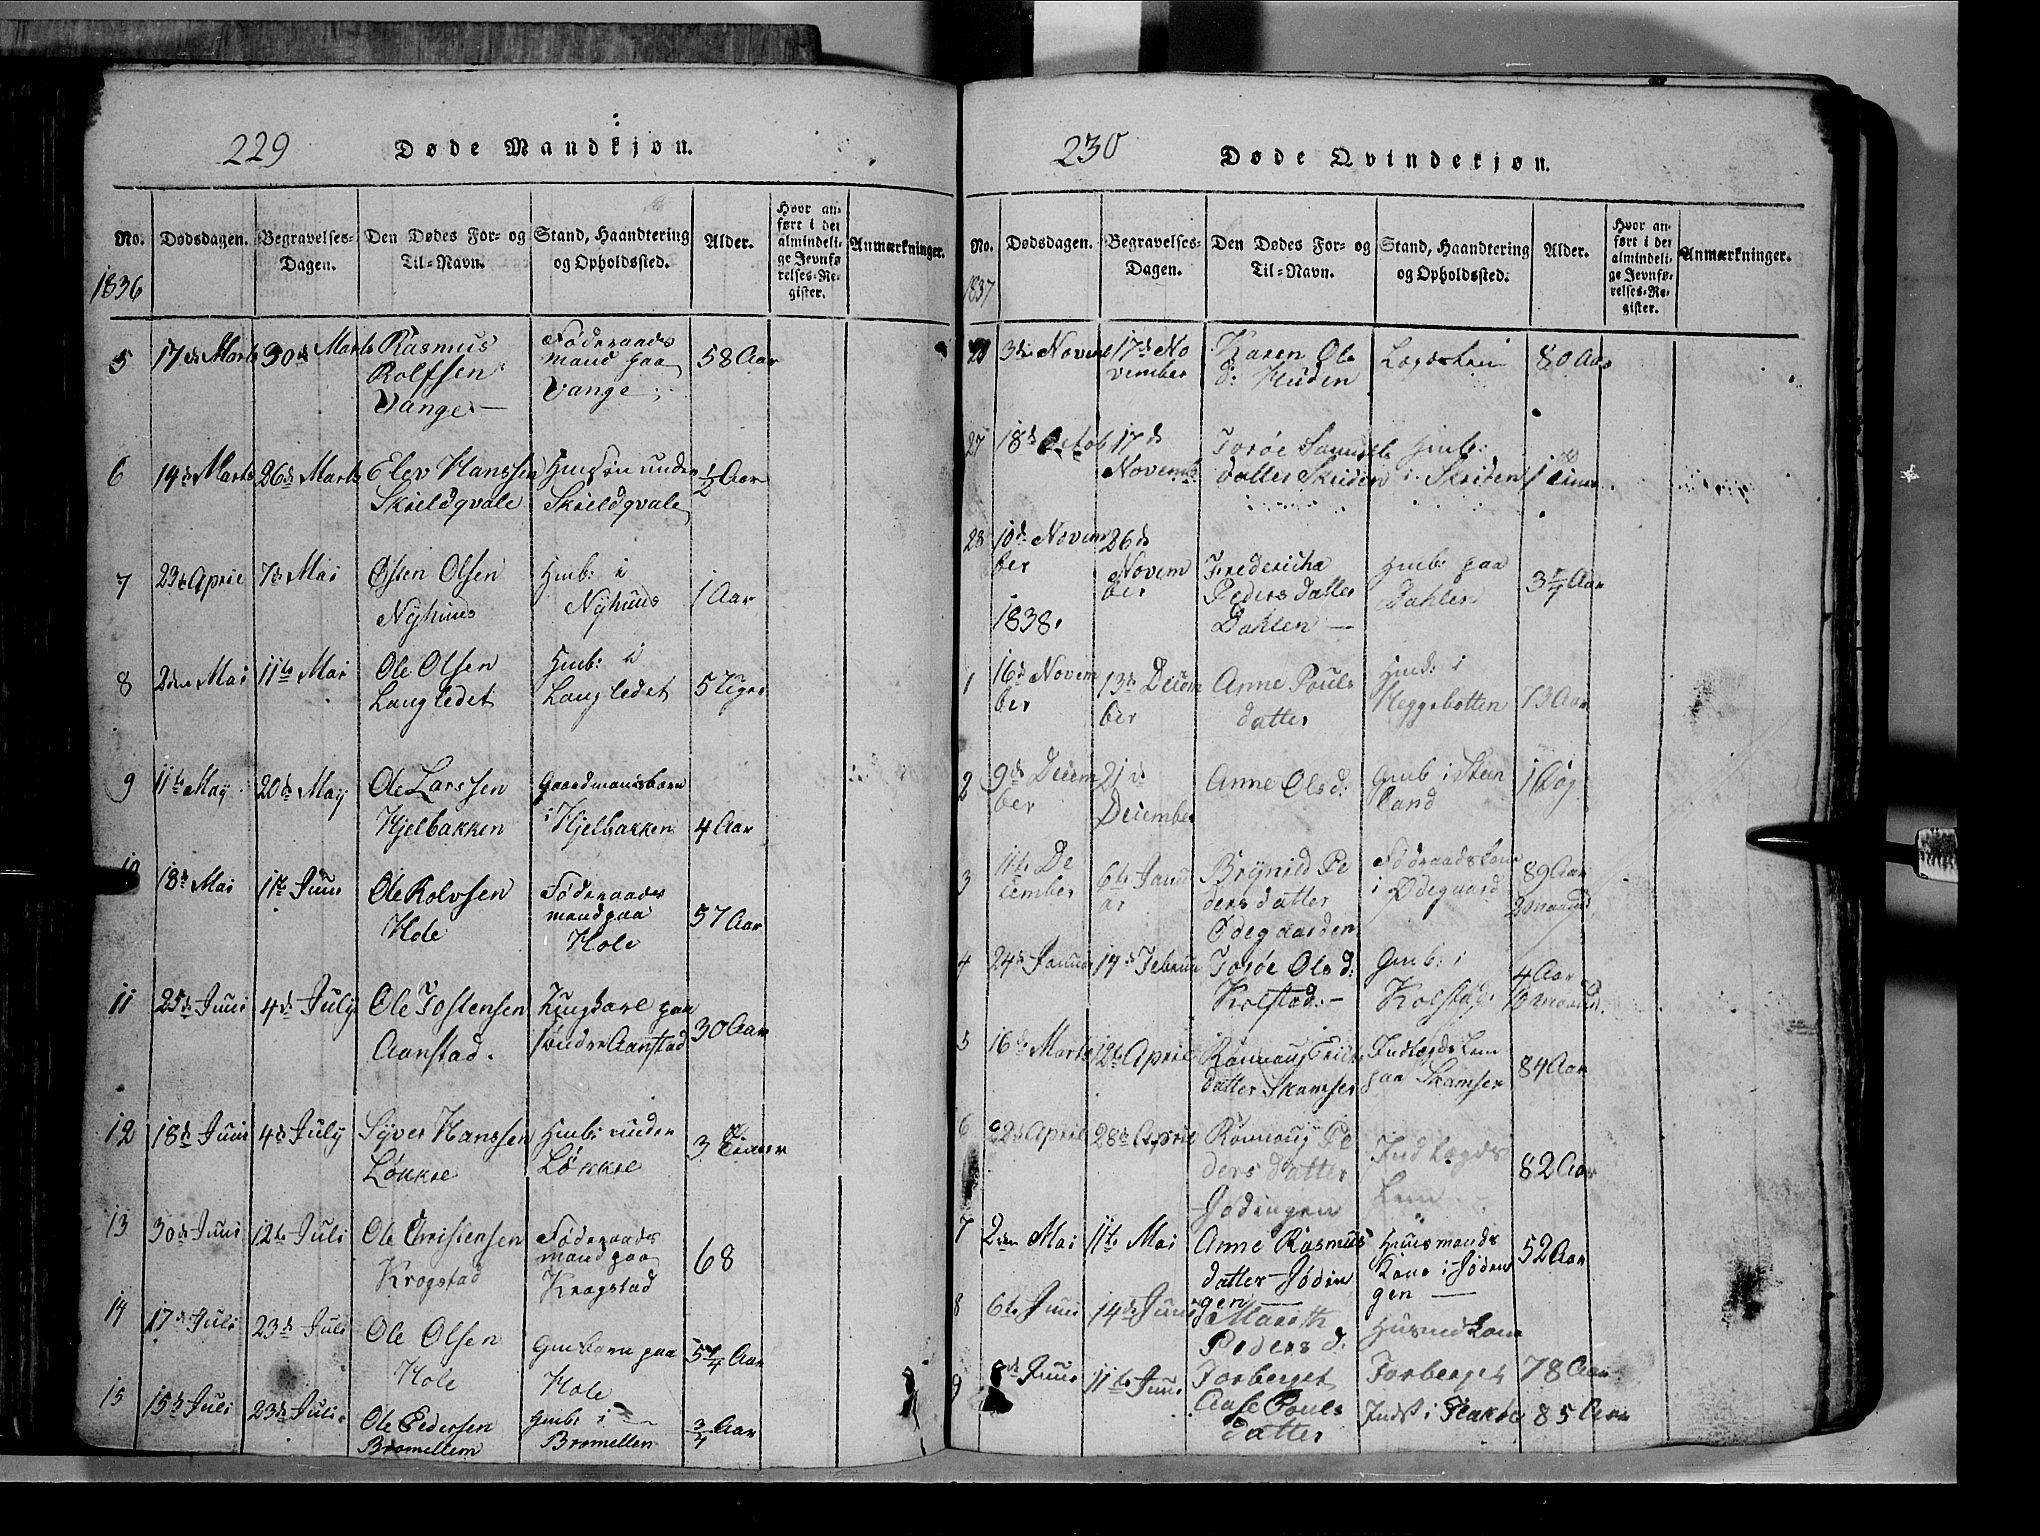 SAH, Lom prestekontor, L/L0003: Klokkerbok nr. 3, 1815-1844, s. 229-230